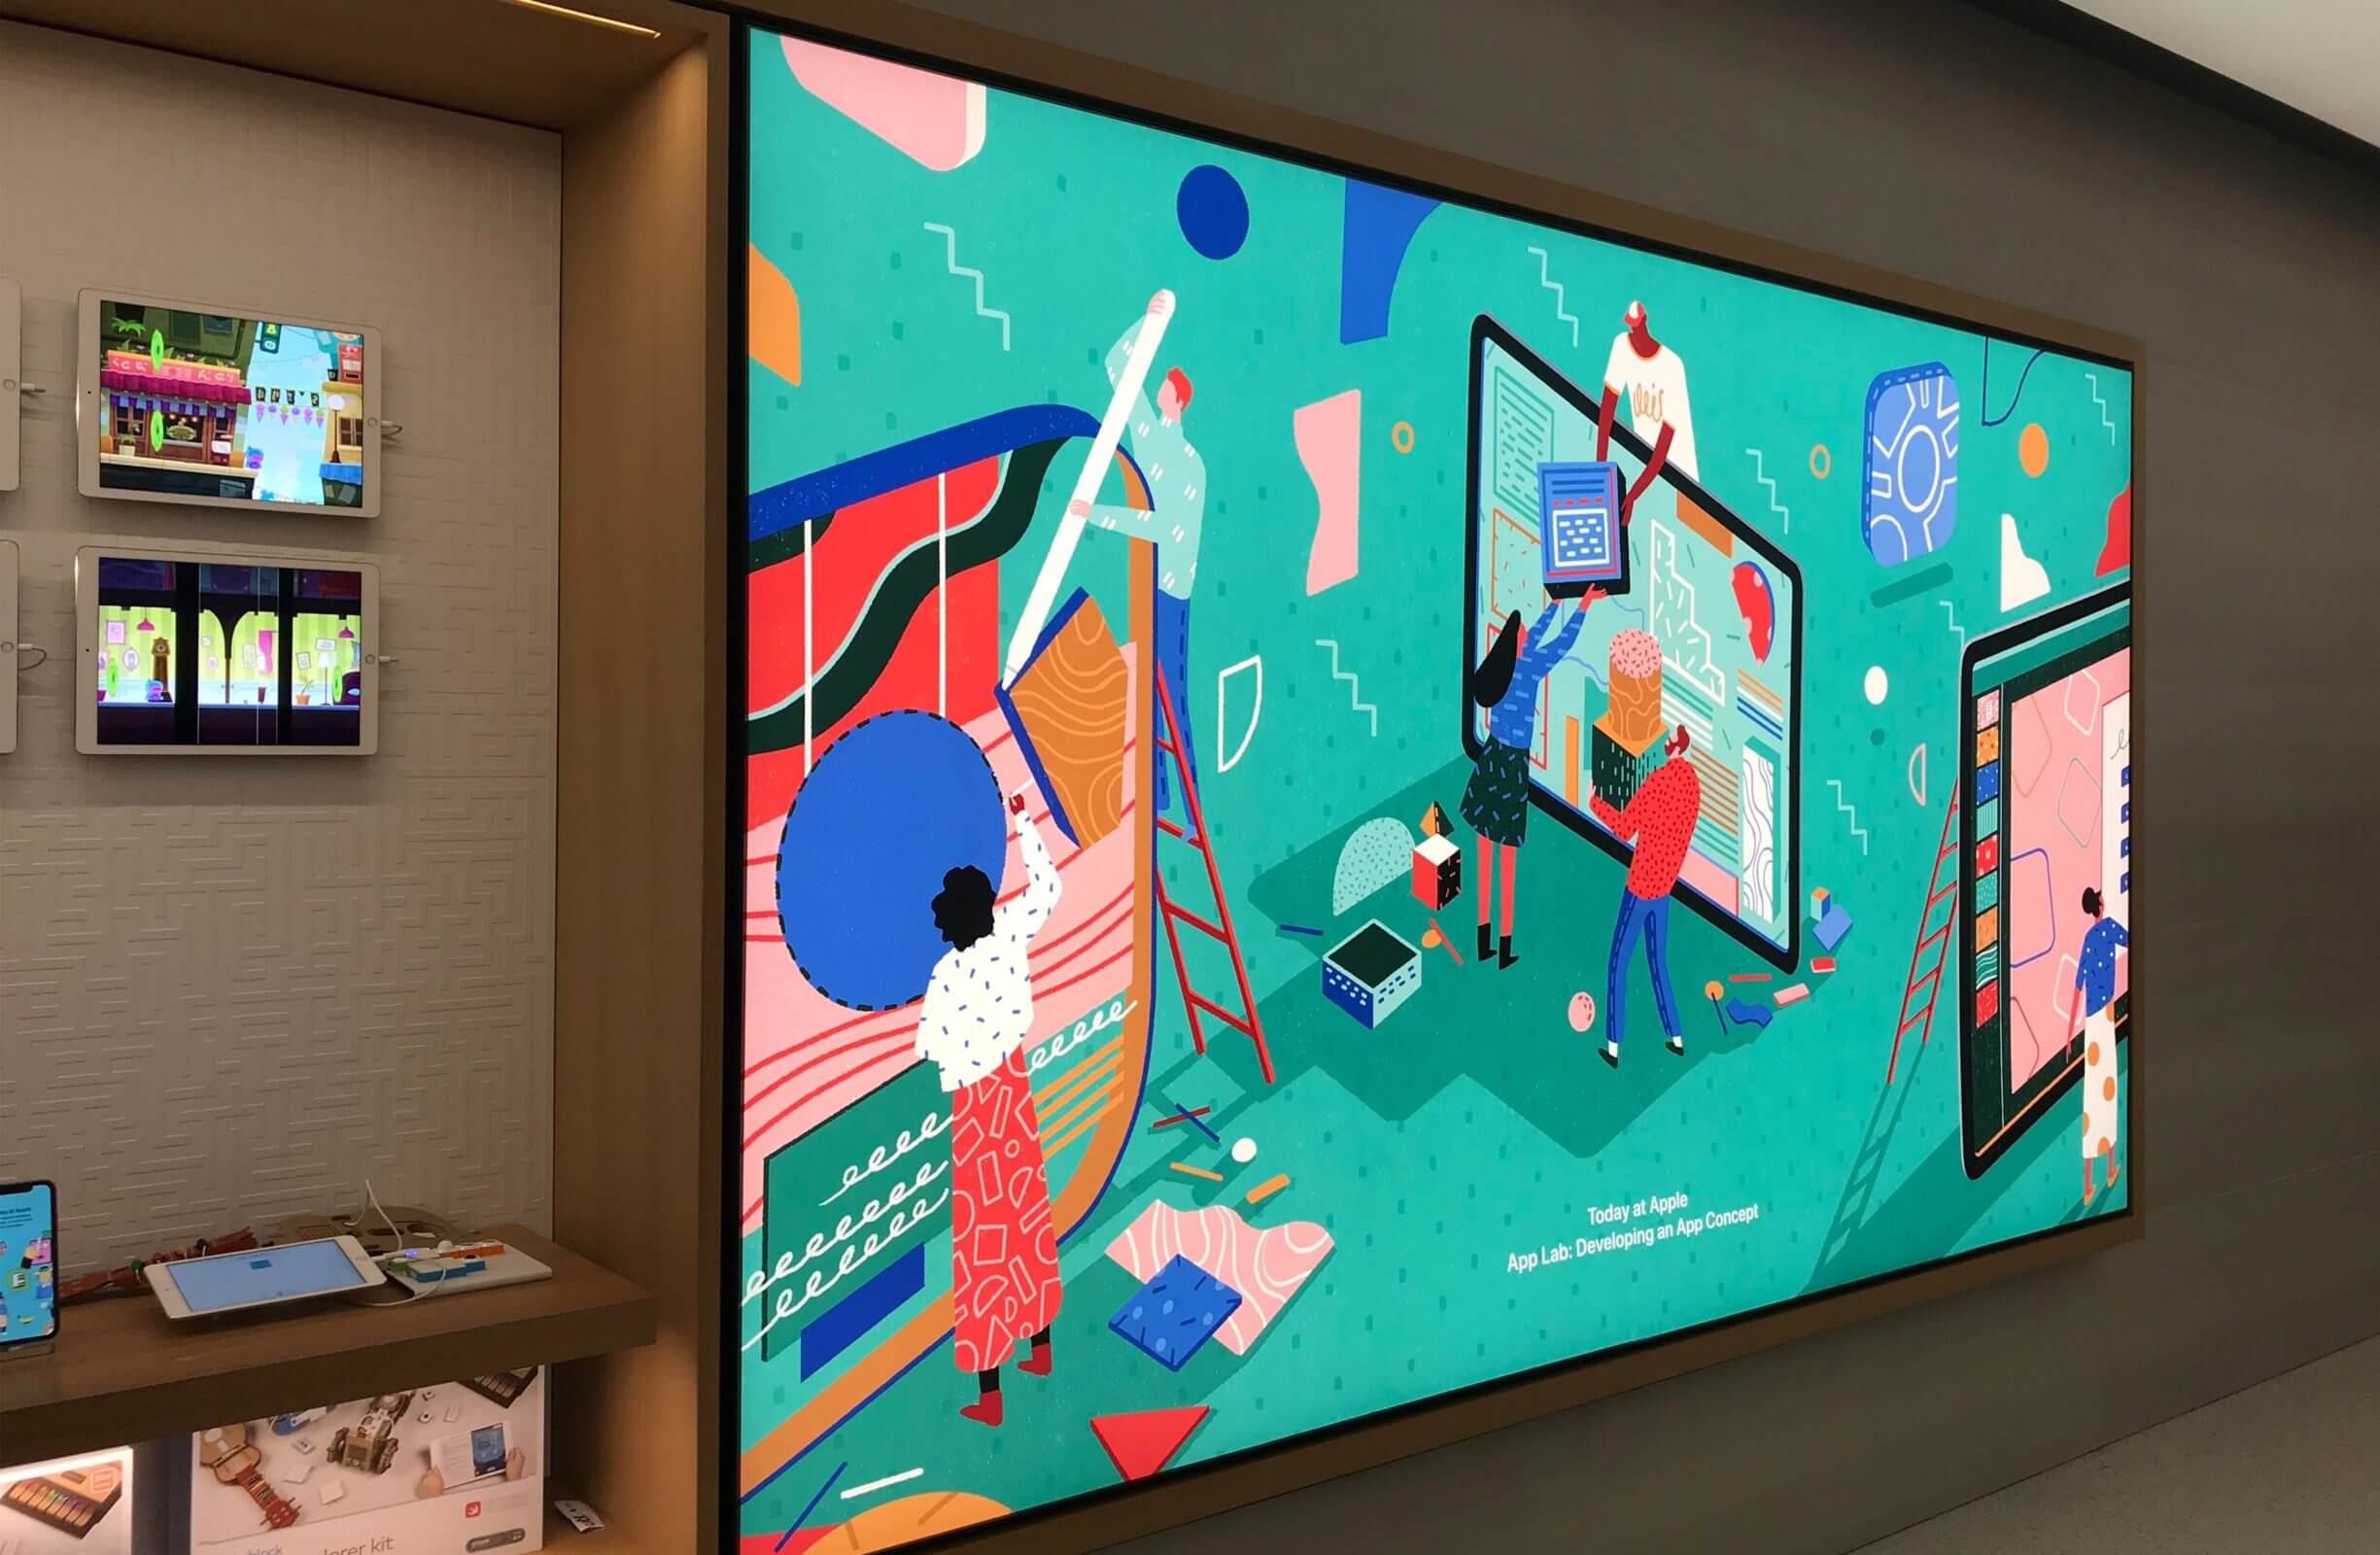 иллюстрация Yukai Du в магазине Apple